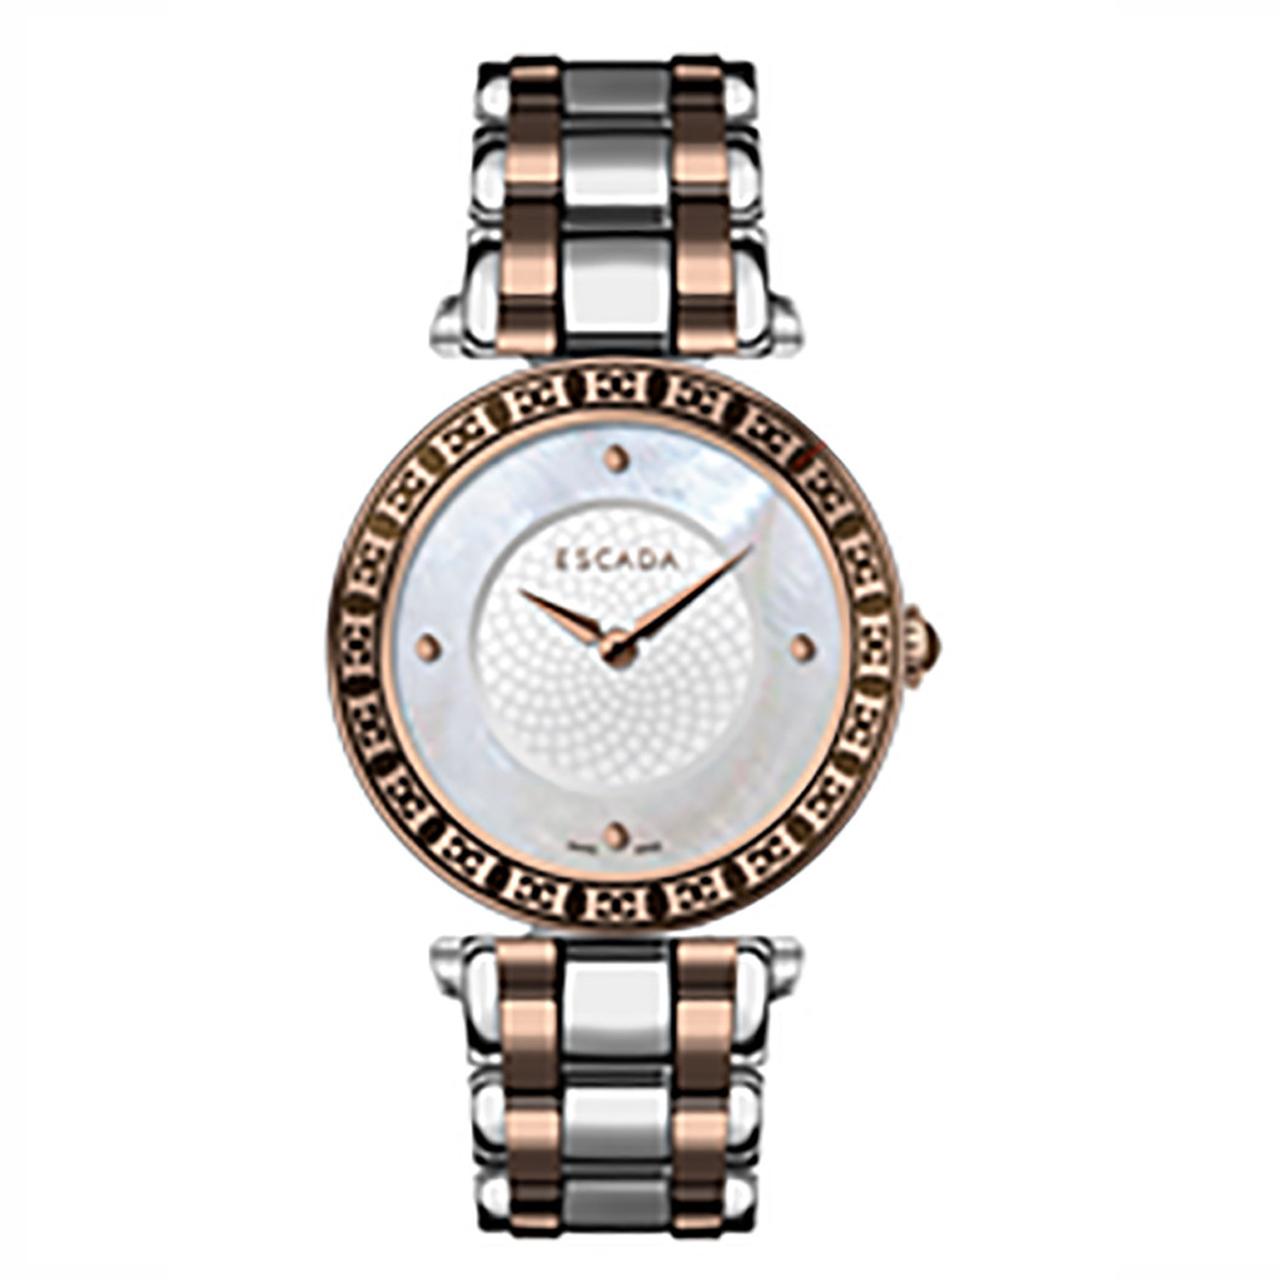 ساعت مچی عقربه ای زنانه اسکادا مدل EW4535075